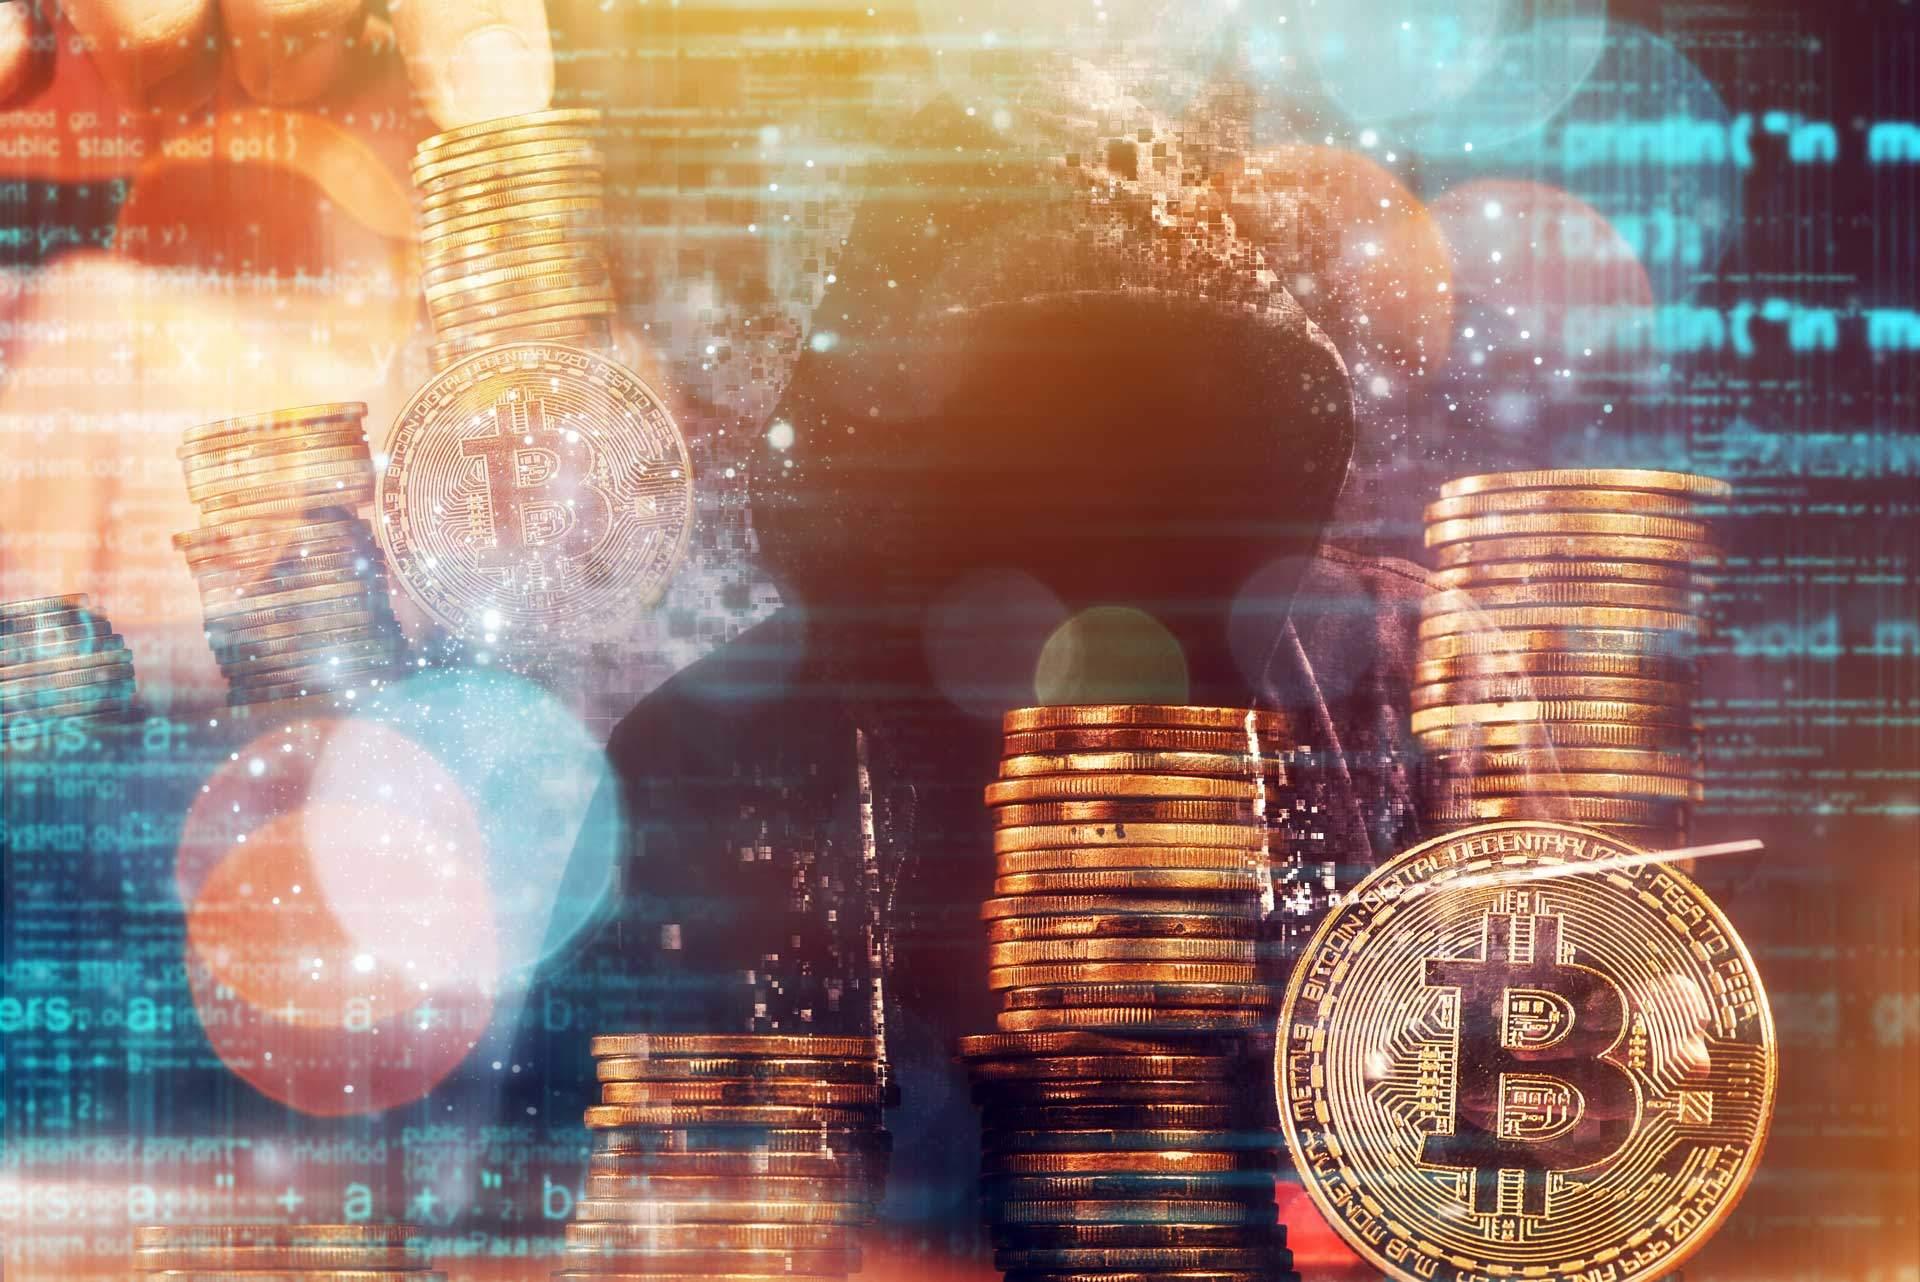 Over $40 Million Stolen In Latest Binance Bitcoin Hack | CryptoBeadles